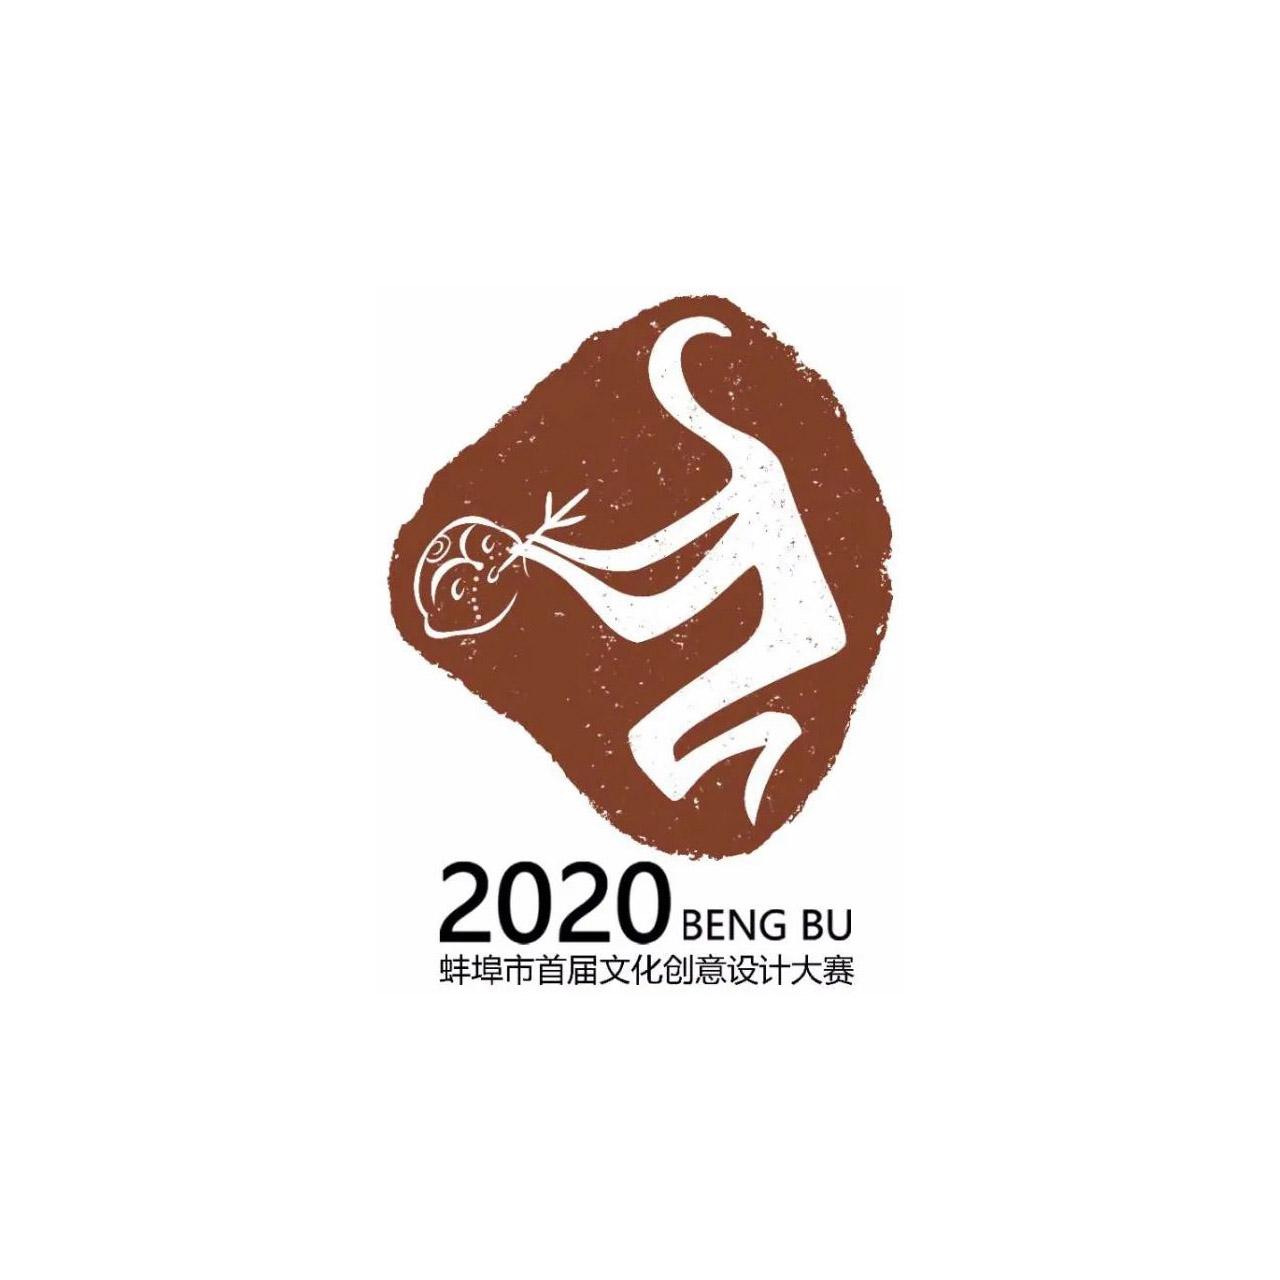 2020首屆蚌埠市文化創意設計大賽